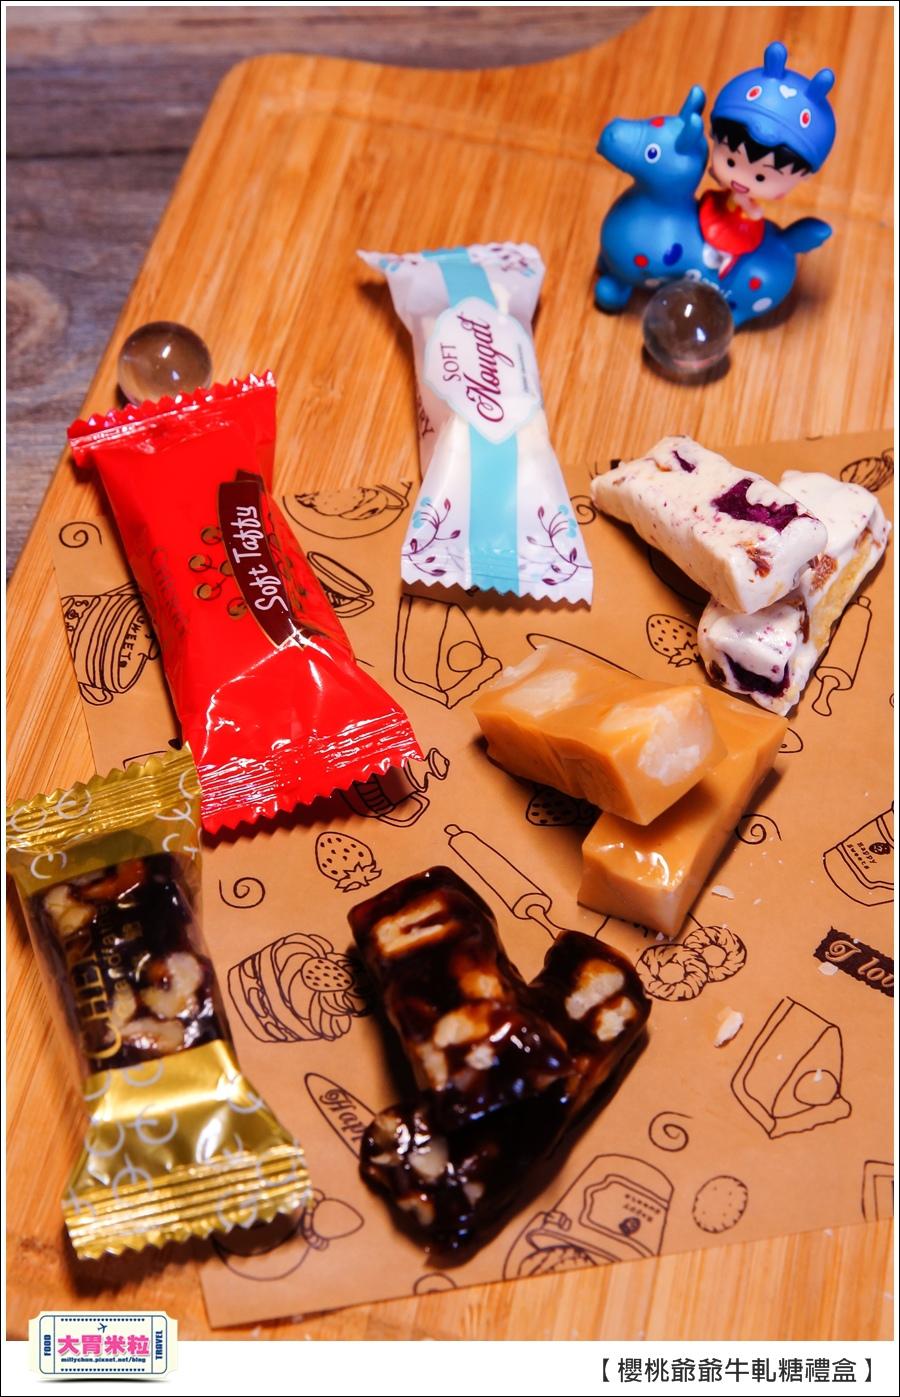 櫻桃爺爺手工牛軋糖禮盒推薦@大胃米粒0031.jpg